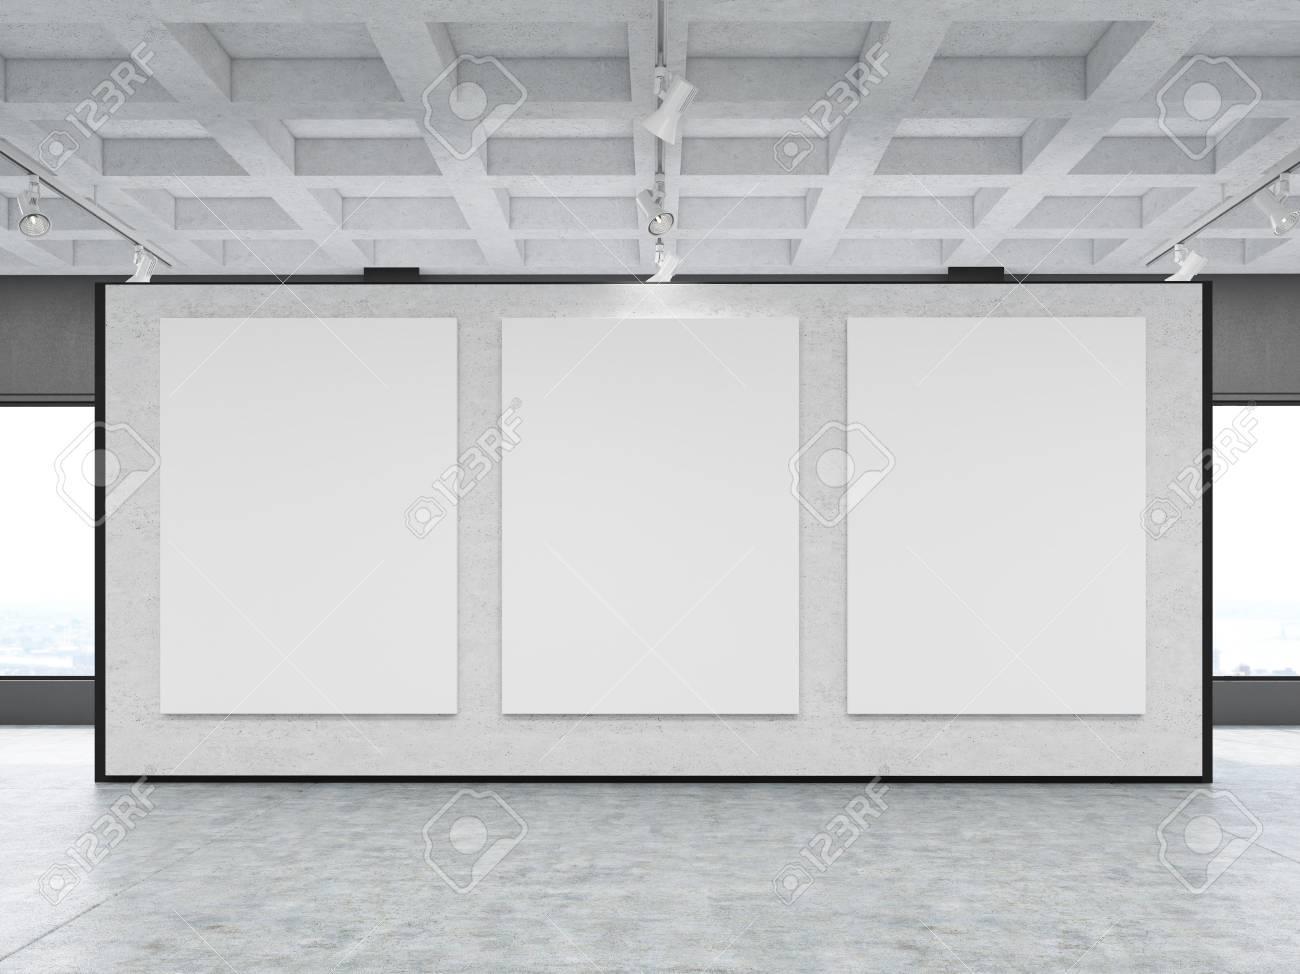 GroB Standard Bild   Vorderansicht Der Drei Großen Vertikalen Plakate An Einer Grauen  Wand In Einer Galerie. Konzept Der Modernen Kunst Und Marketing.